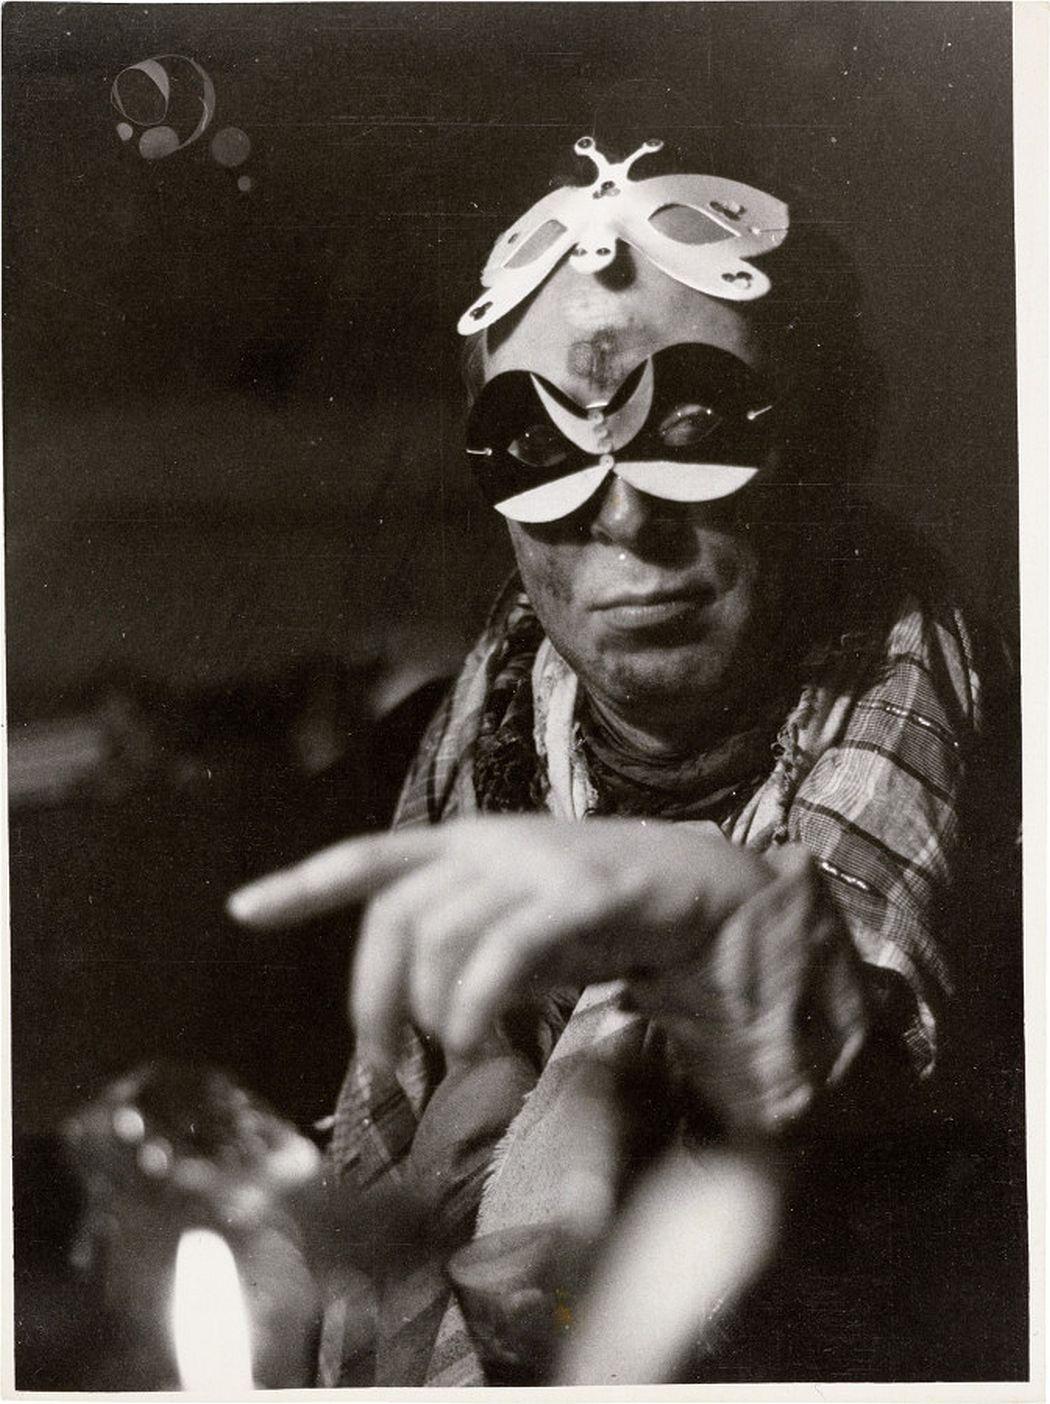 Sigmar Polke, Ohne Titel (Giornico), 1977 Fotografie Sammlung Lambrecht-Schadeberg/Rubenspreisträger der Stadt Siegen © 2018 The Estate of Sigmar Polke / VG Bild-Kunst, Bonn